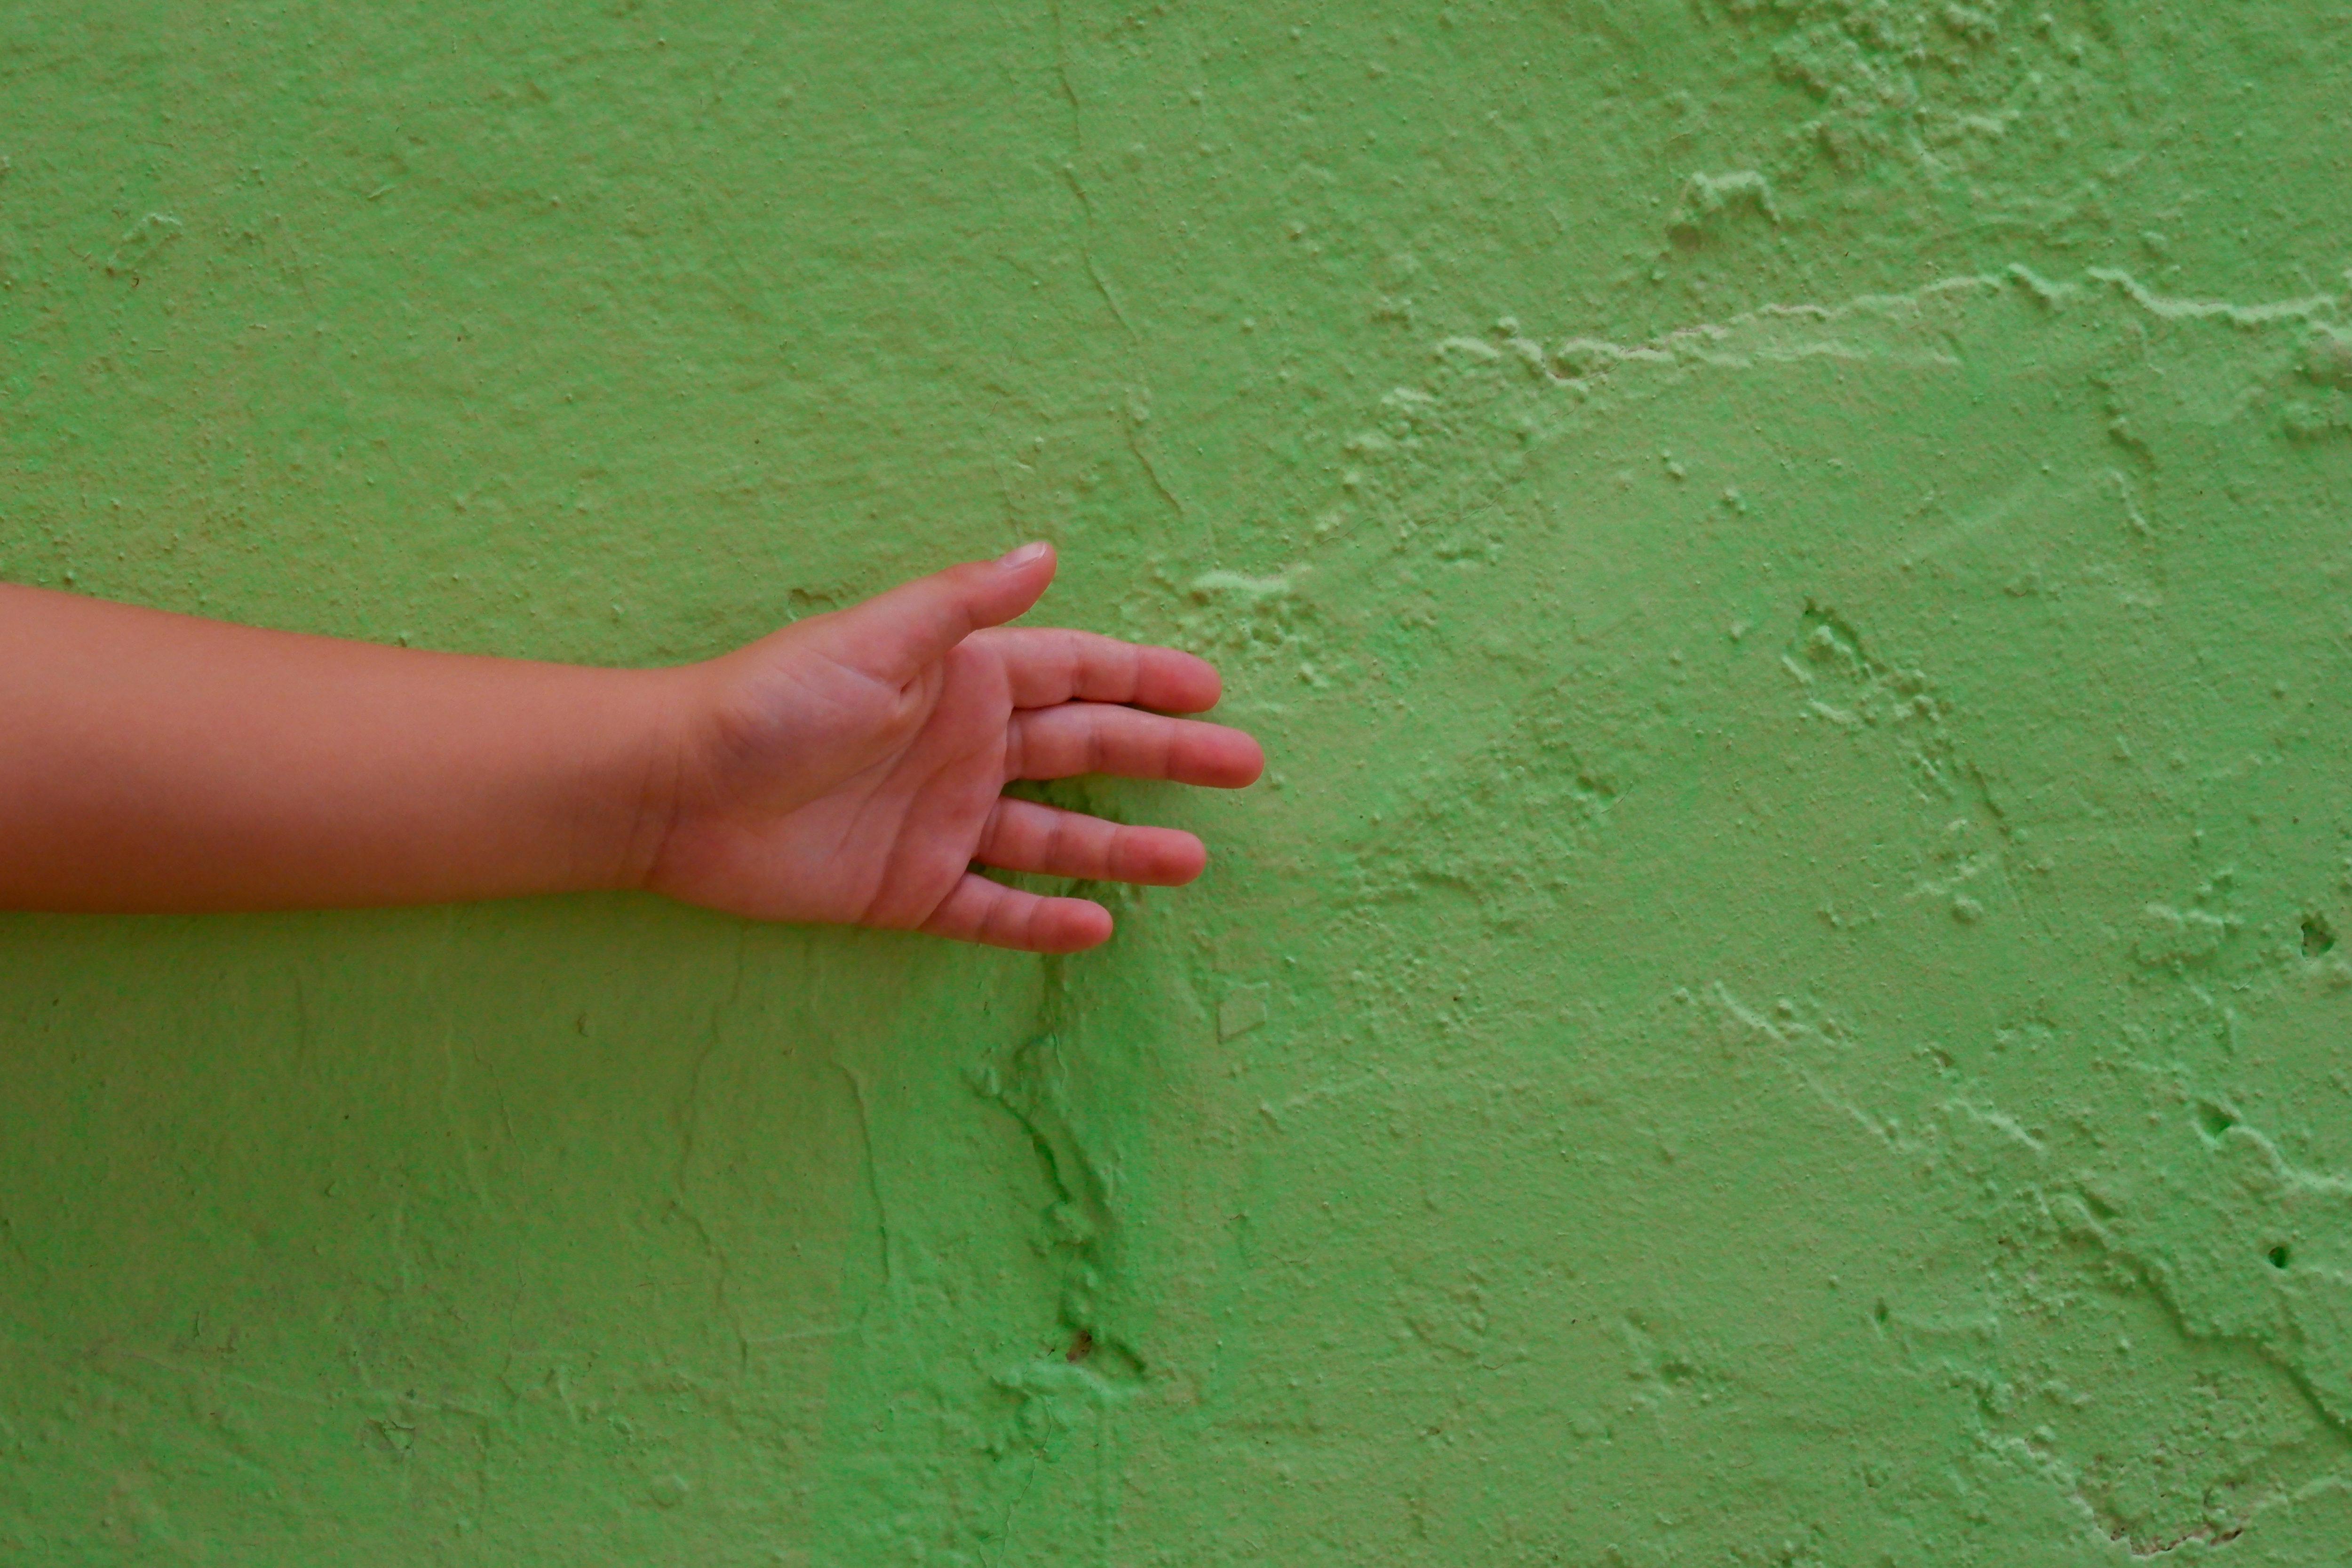 壁・手・子供